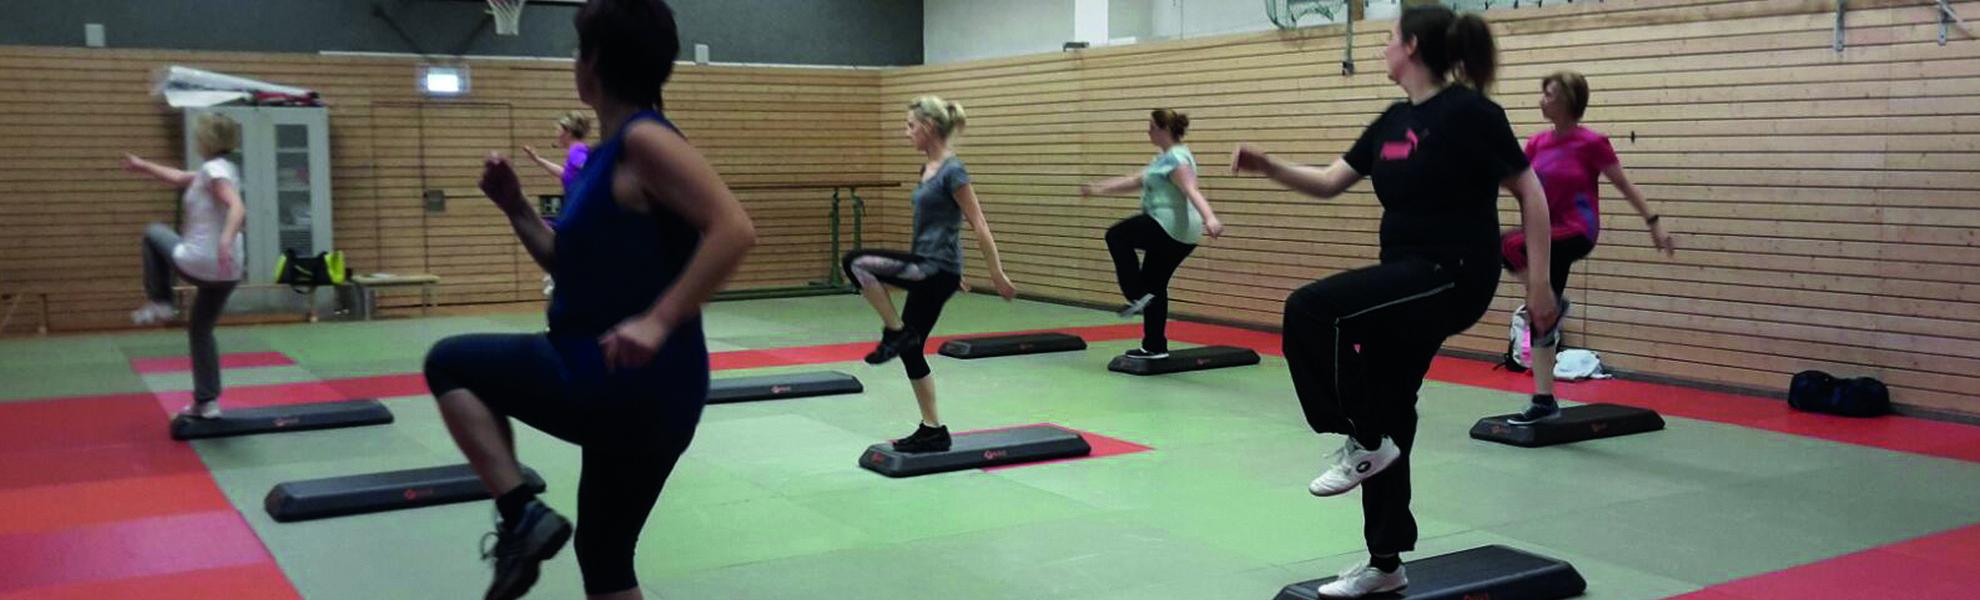 Aerobic - Gymnastik